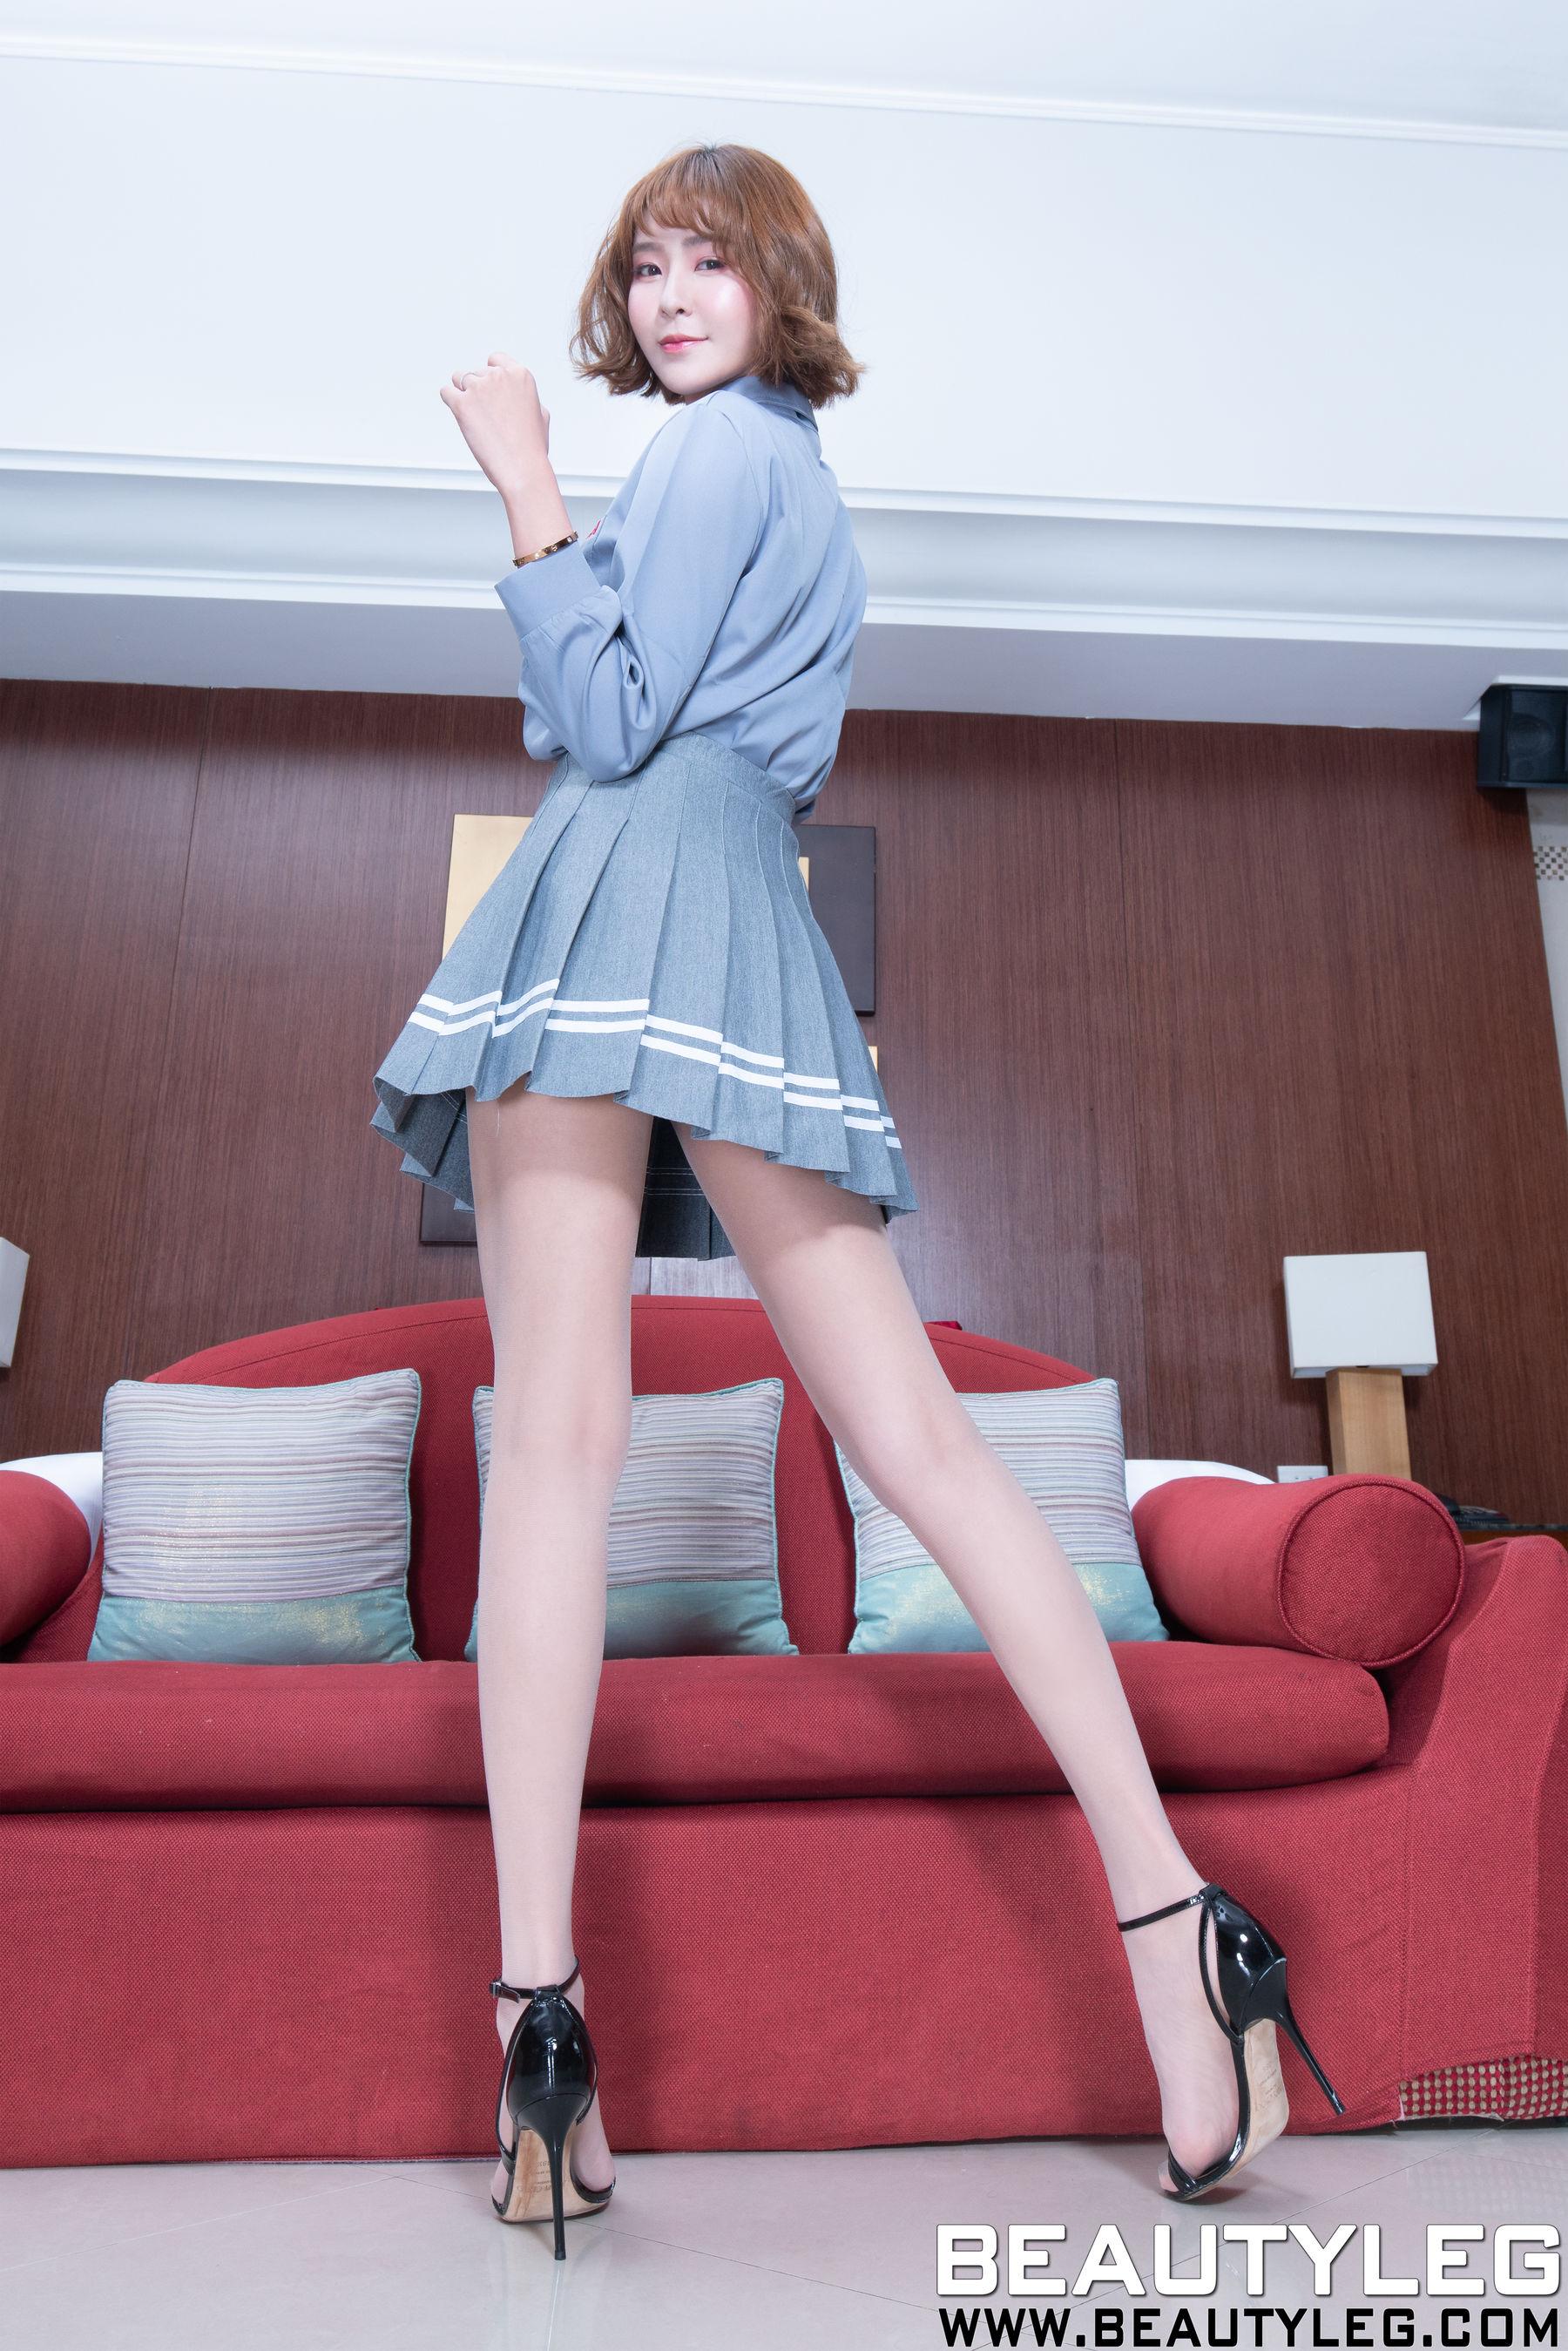 VOL.843 [Beautyleg]美腿肉丝袜:Winnie小雪(庄咏惠,庄温妮,腿模Winnie)超高清个人性感漂亮大图(48P)